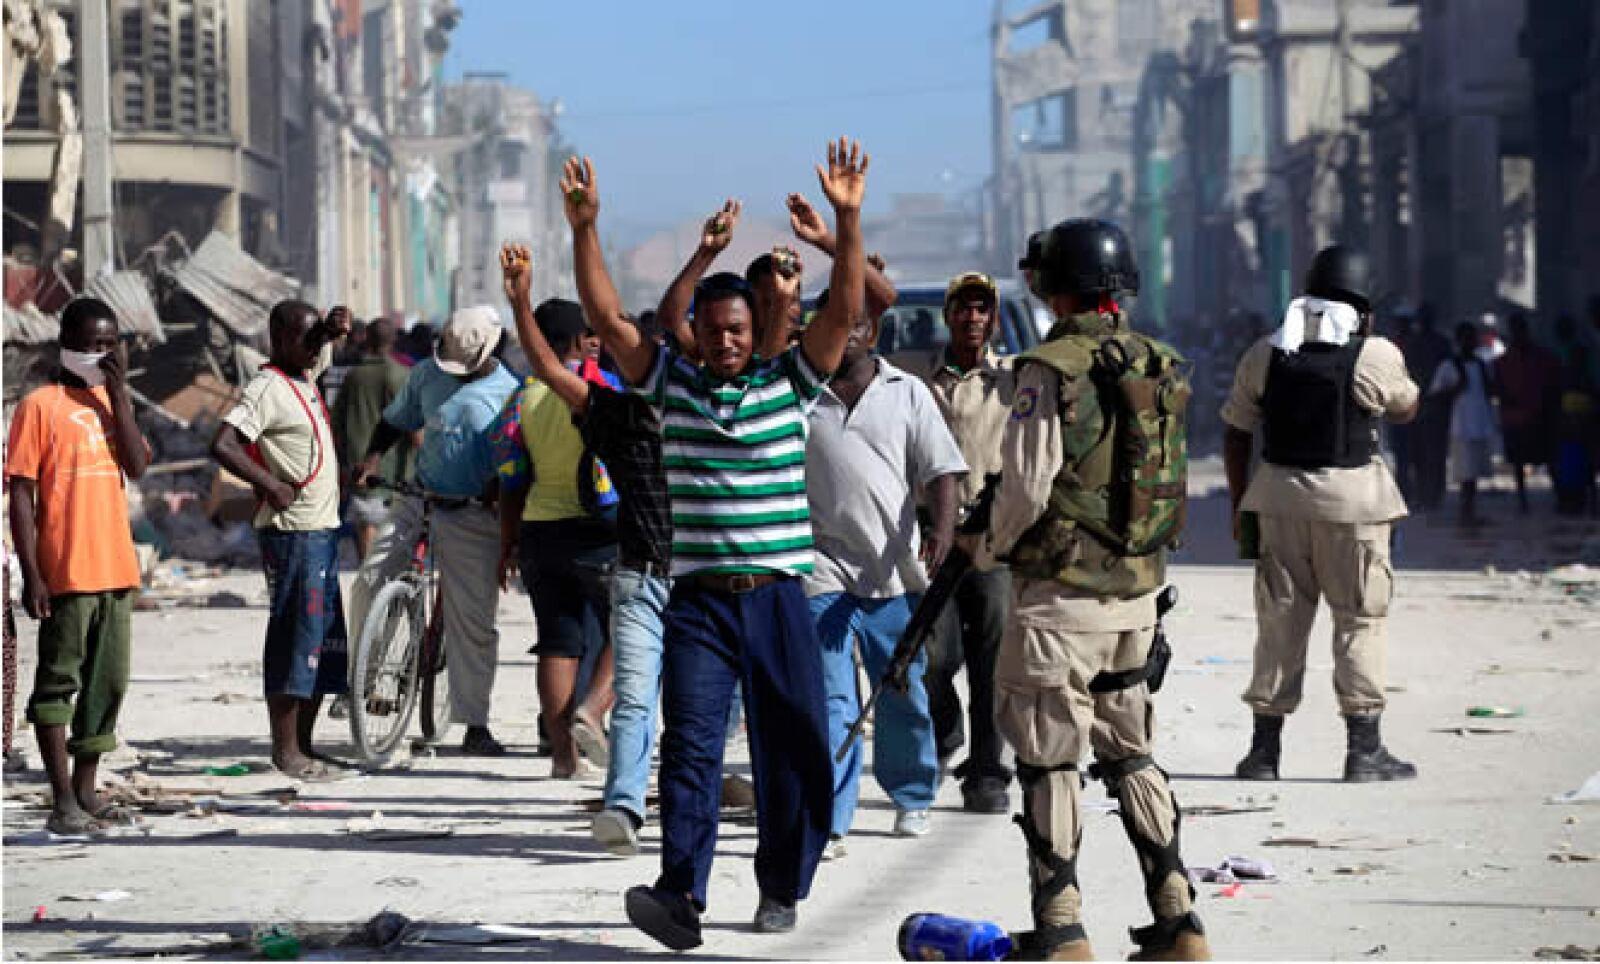 La policía haitiana arresta a sospechosos de saqueo en las calles de Puerto Príncipe. Autoridades hacen rondas para evitar la rapiña, que podría transformarse en una ola de violencia generalizada.